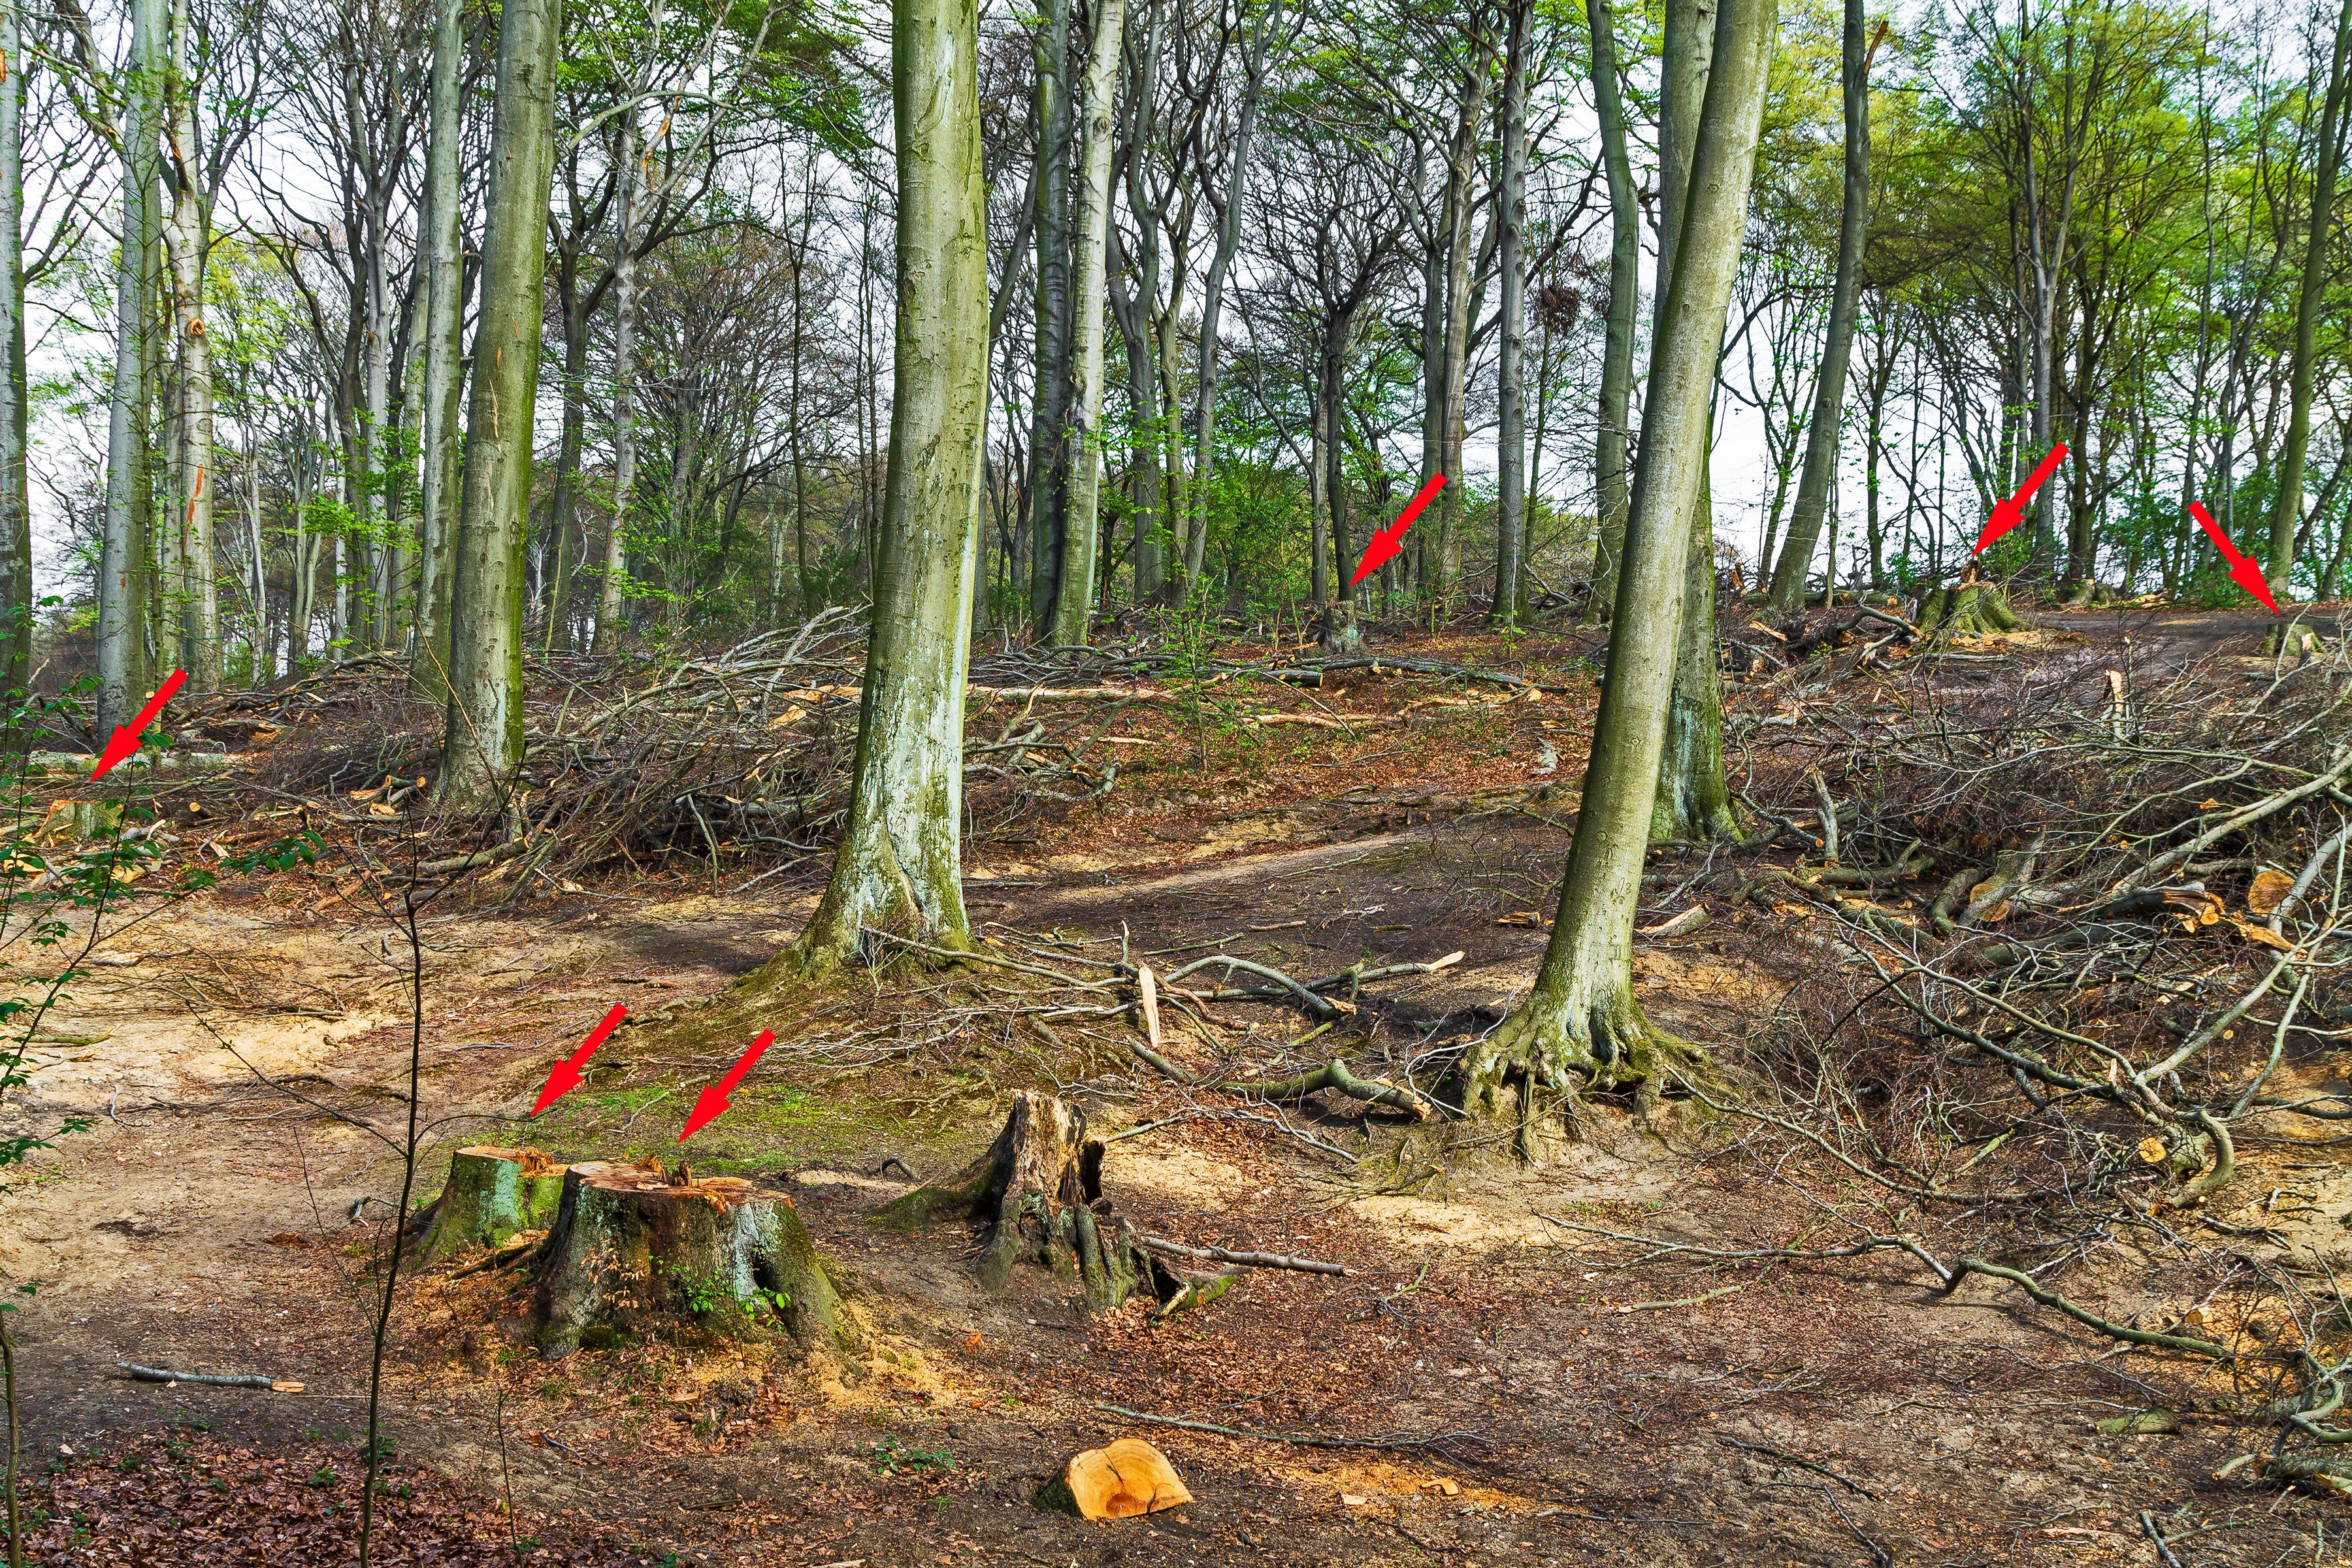 zerstörter Buchenwald mit 6 gefällten Altbuchen